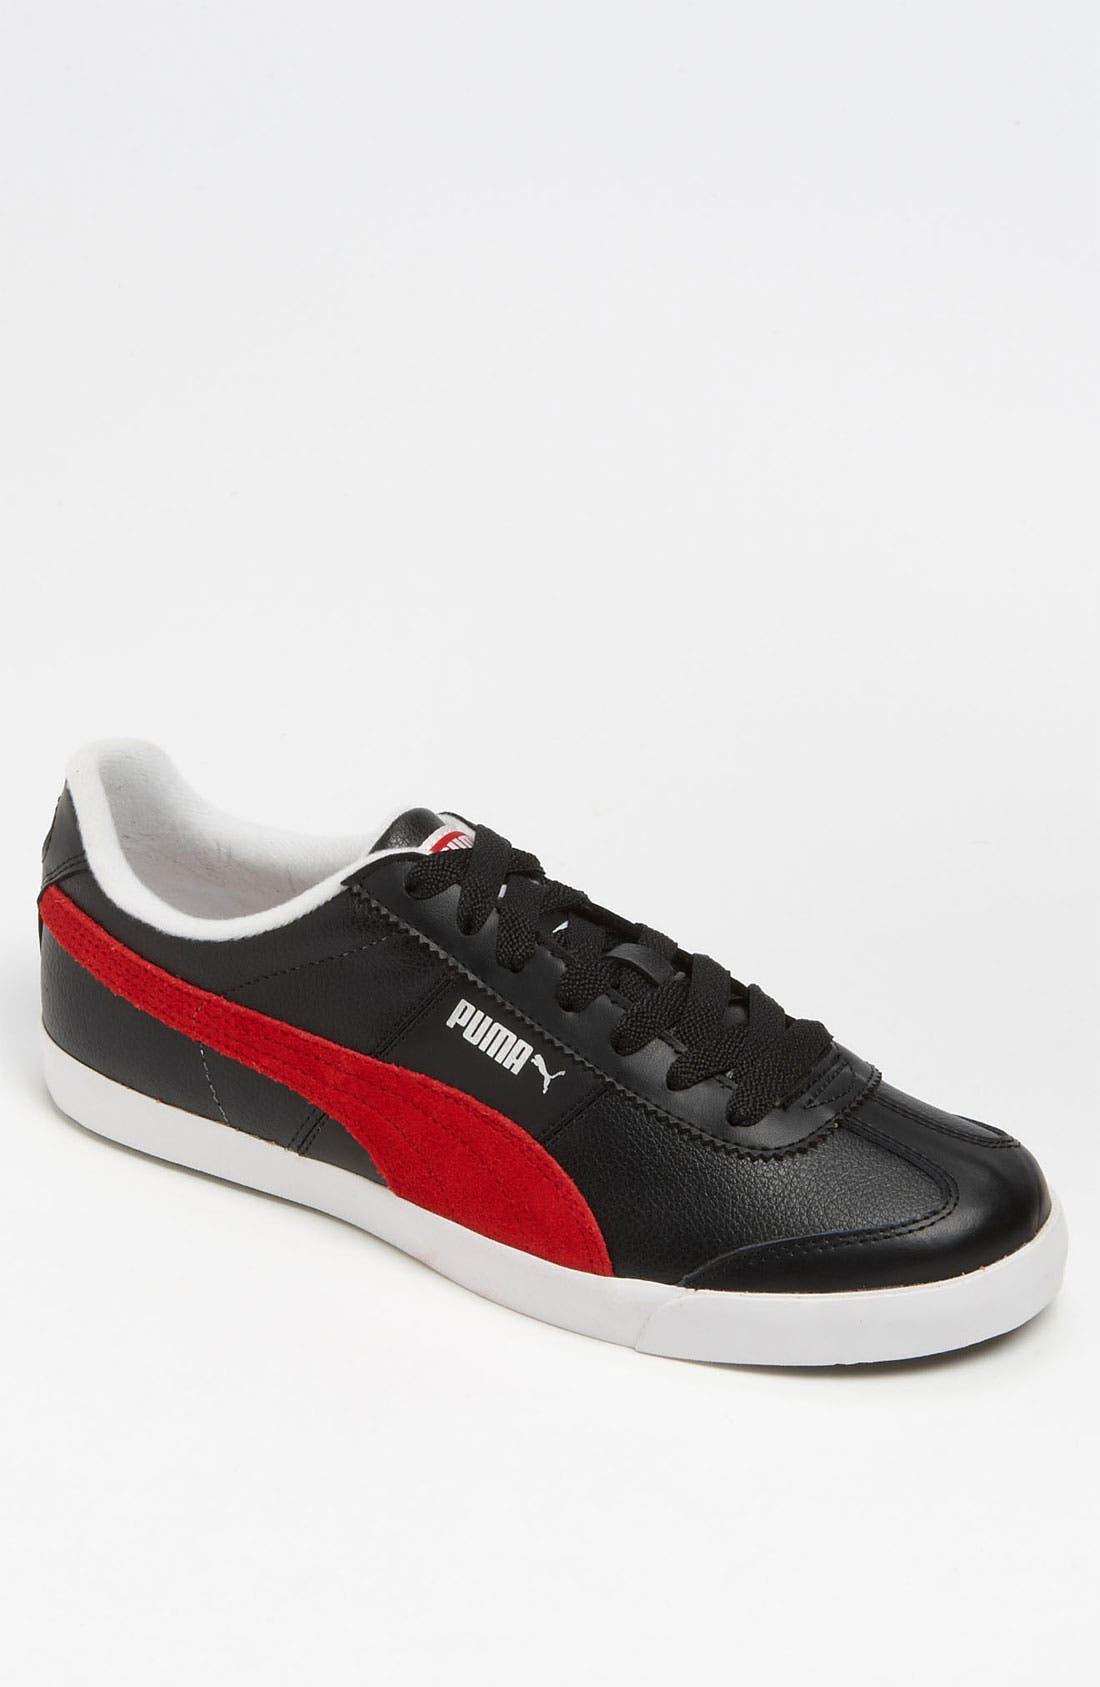 Alternate Image 1 Selected - PUMA 'Roma LP' Sneaker (Men)